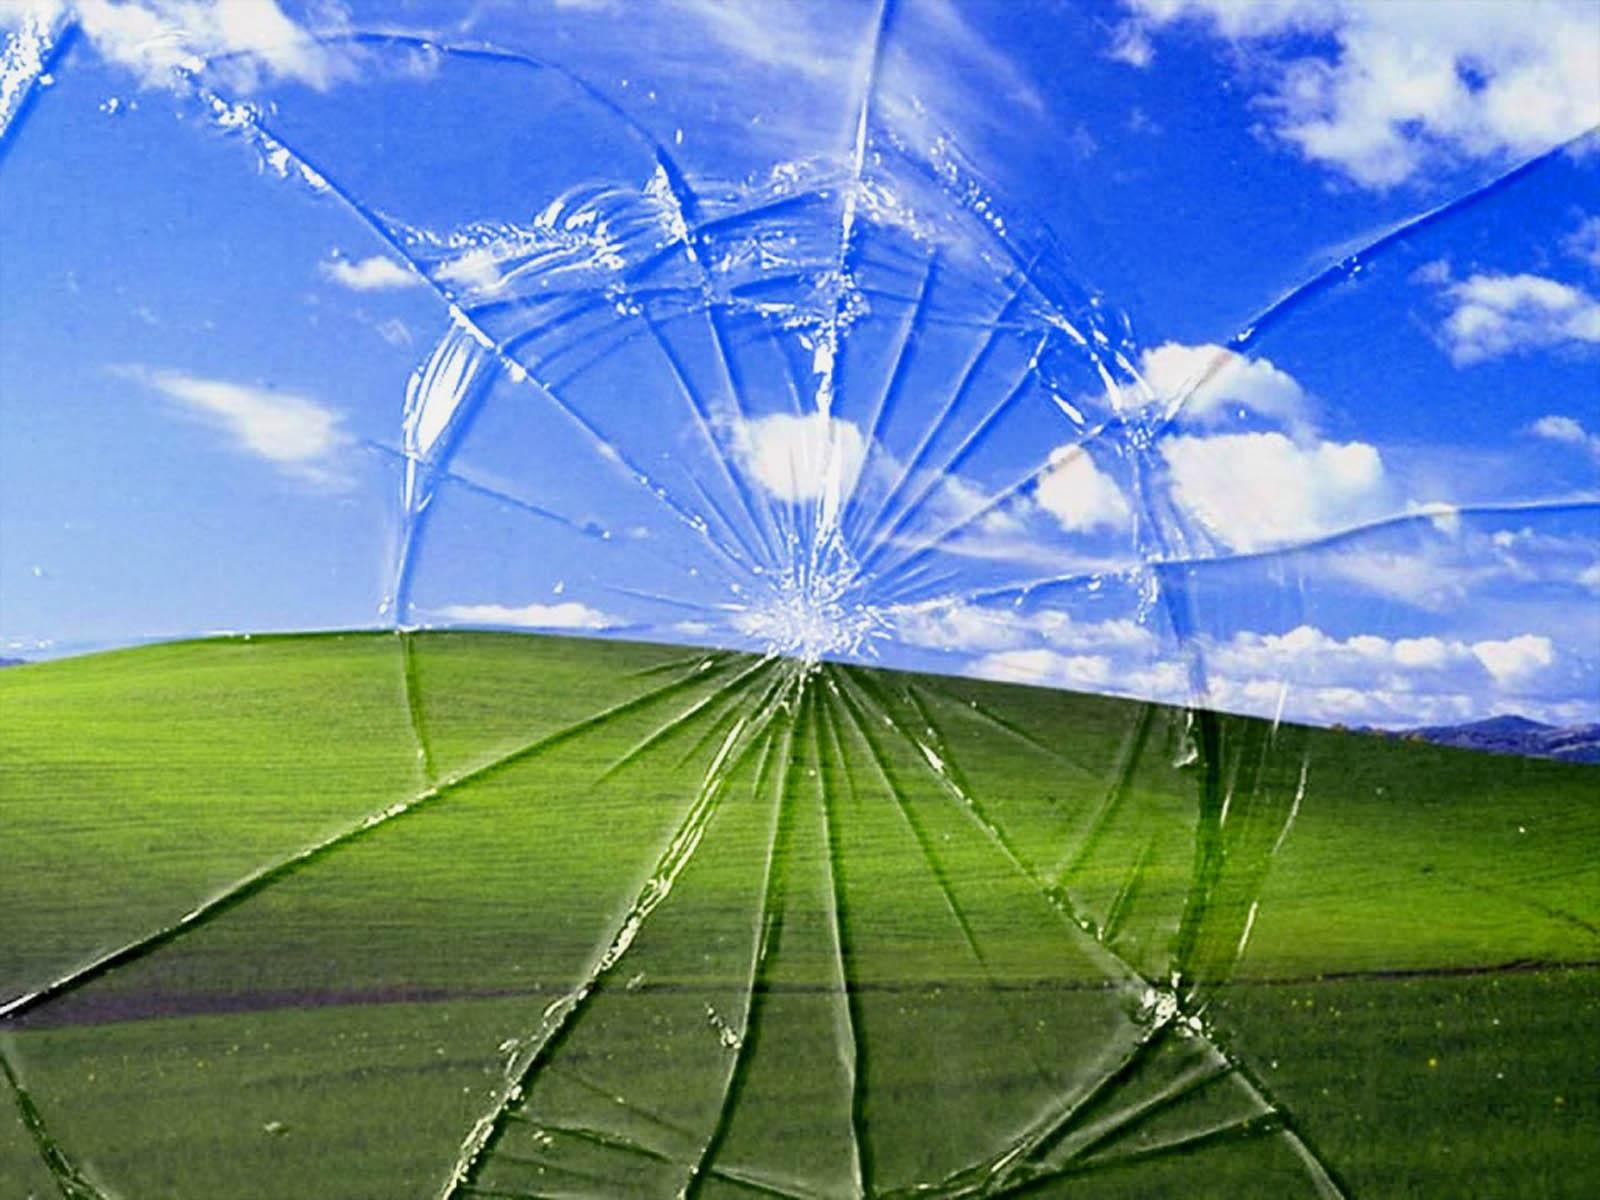 broken window wallpapers - photo #2